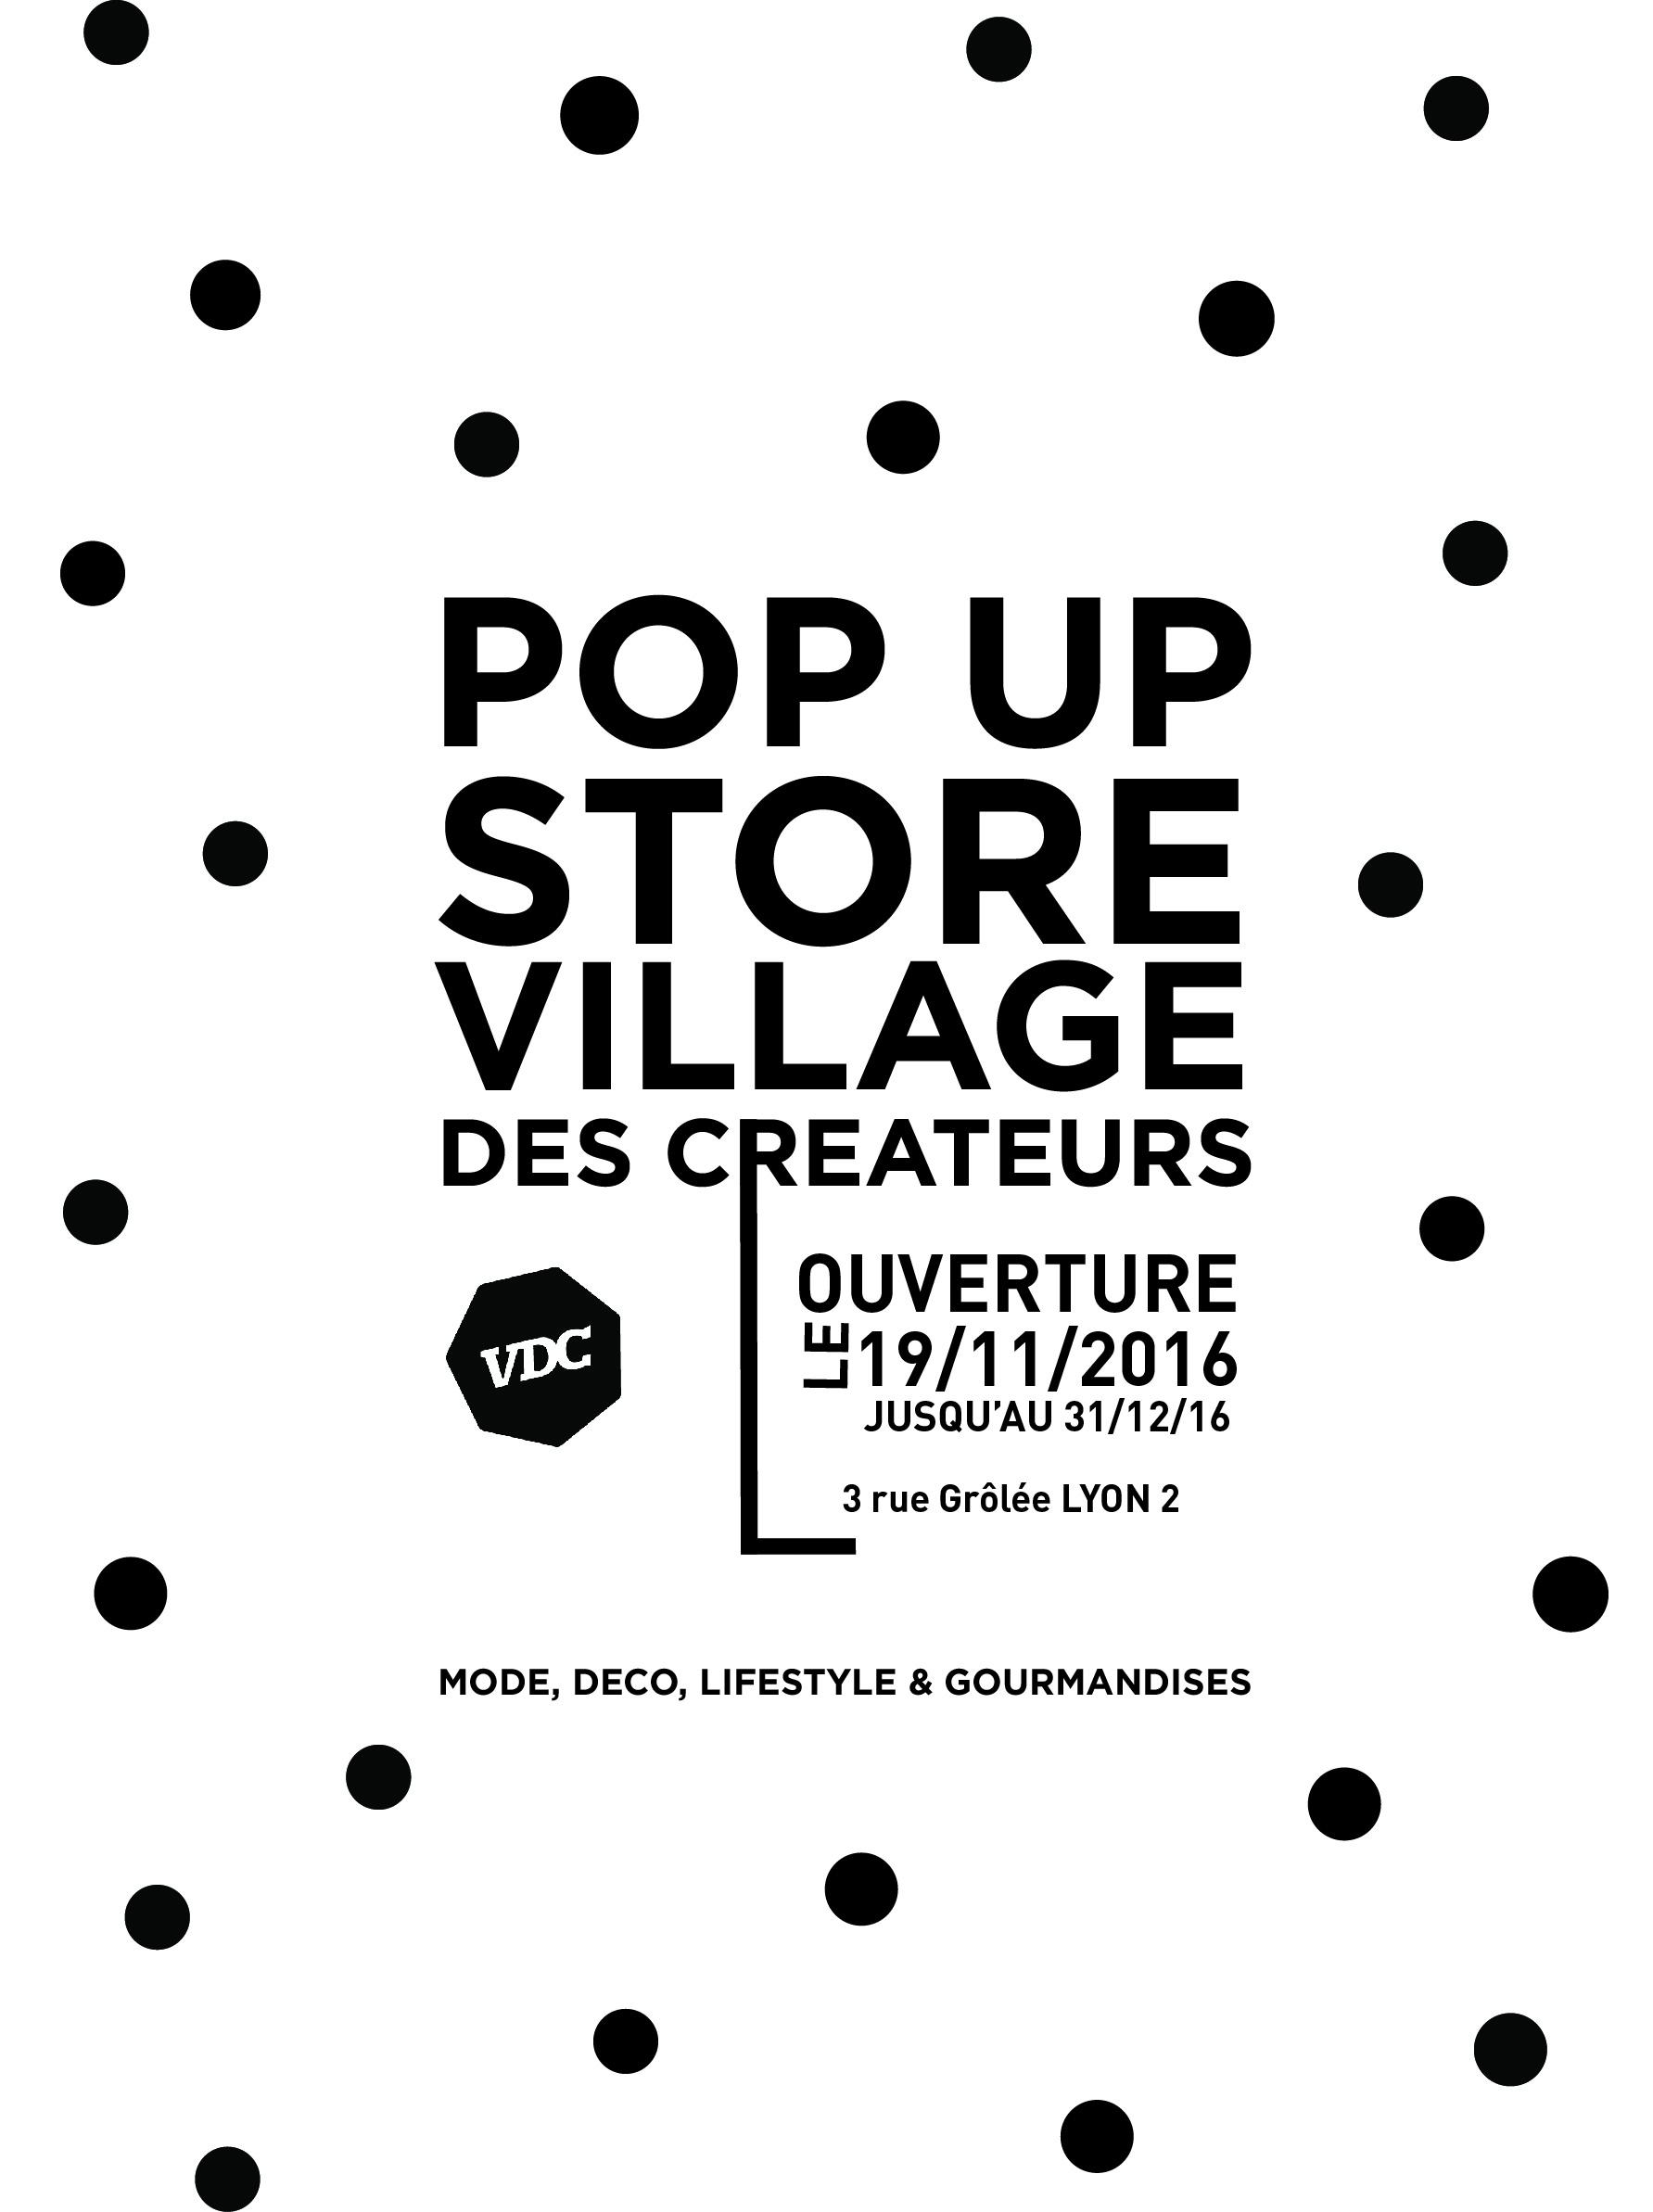 POP UP STORE Village des Créateurs